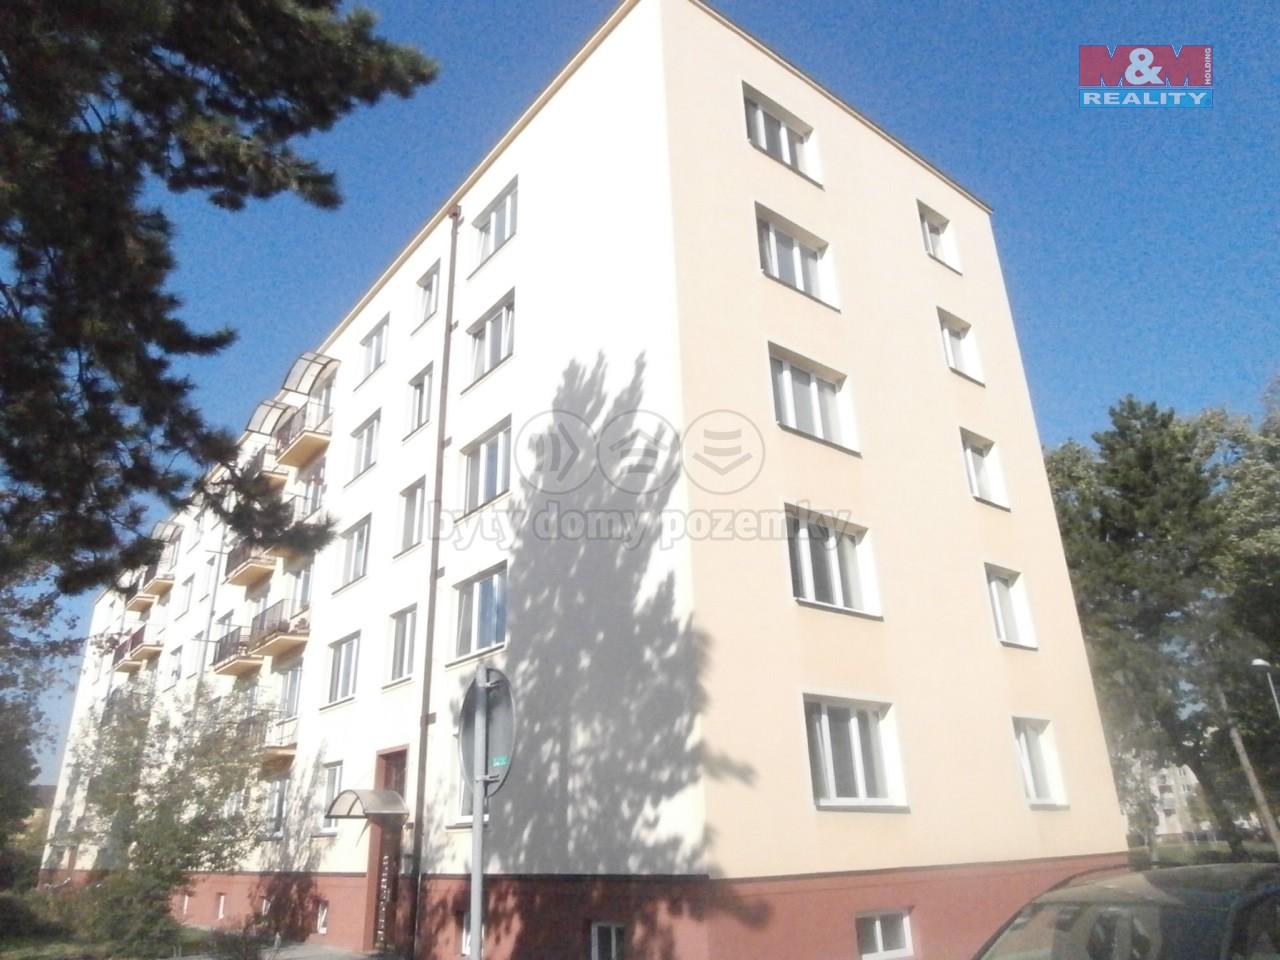 Prodej, byt 2+kk, Pardubice, ul. K Blahobytu